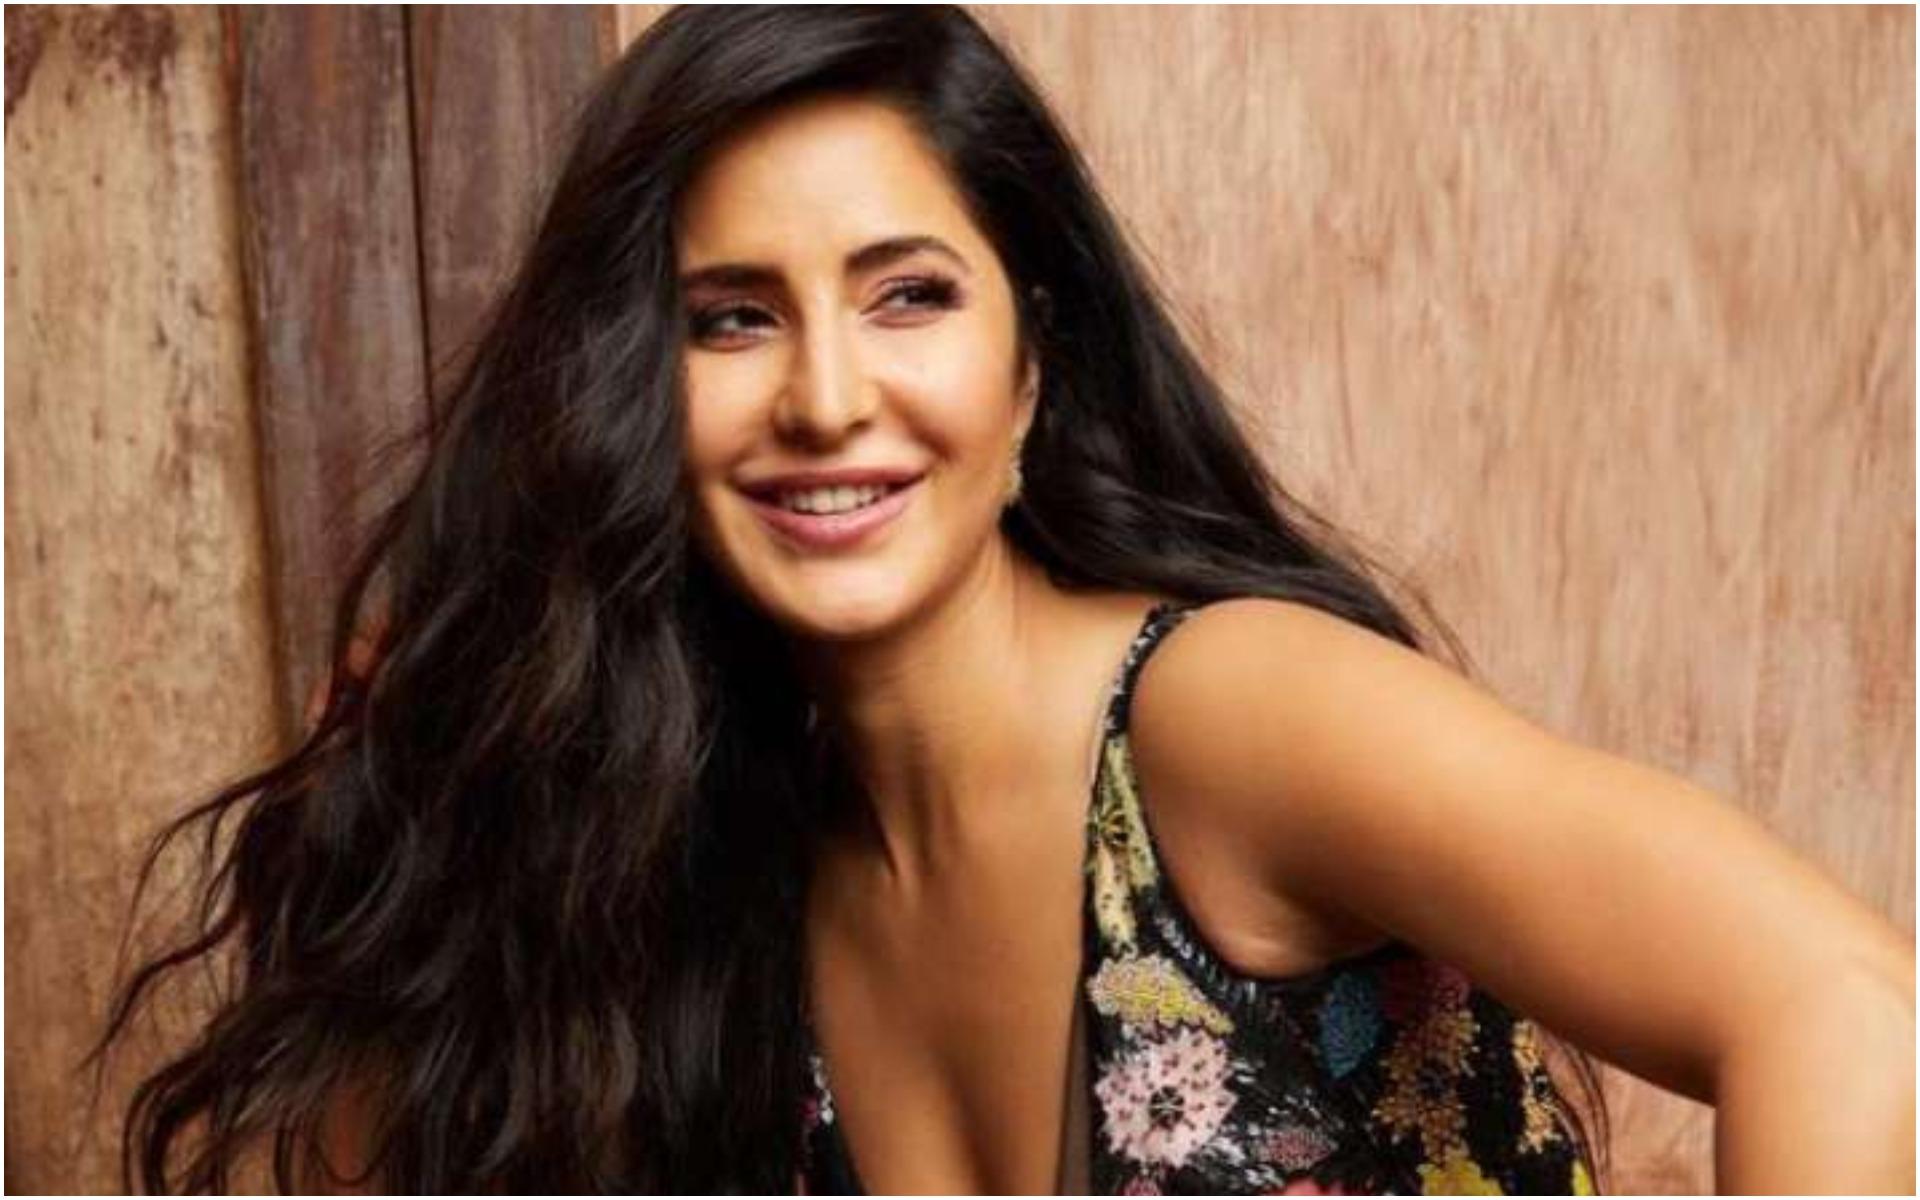 Katrina kaif Bithday: कैटरीना टॉरकेटी से कैसी बनीं कैटरीना कैफ! जन्मदिन पर जानिए कई रोचक बातें